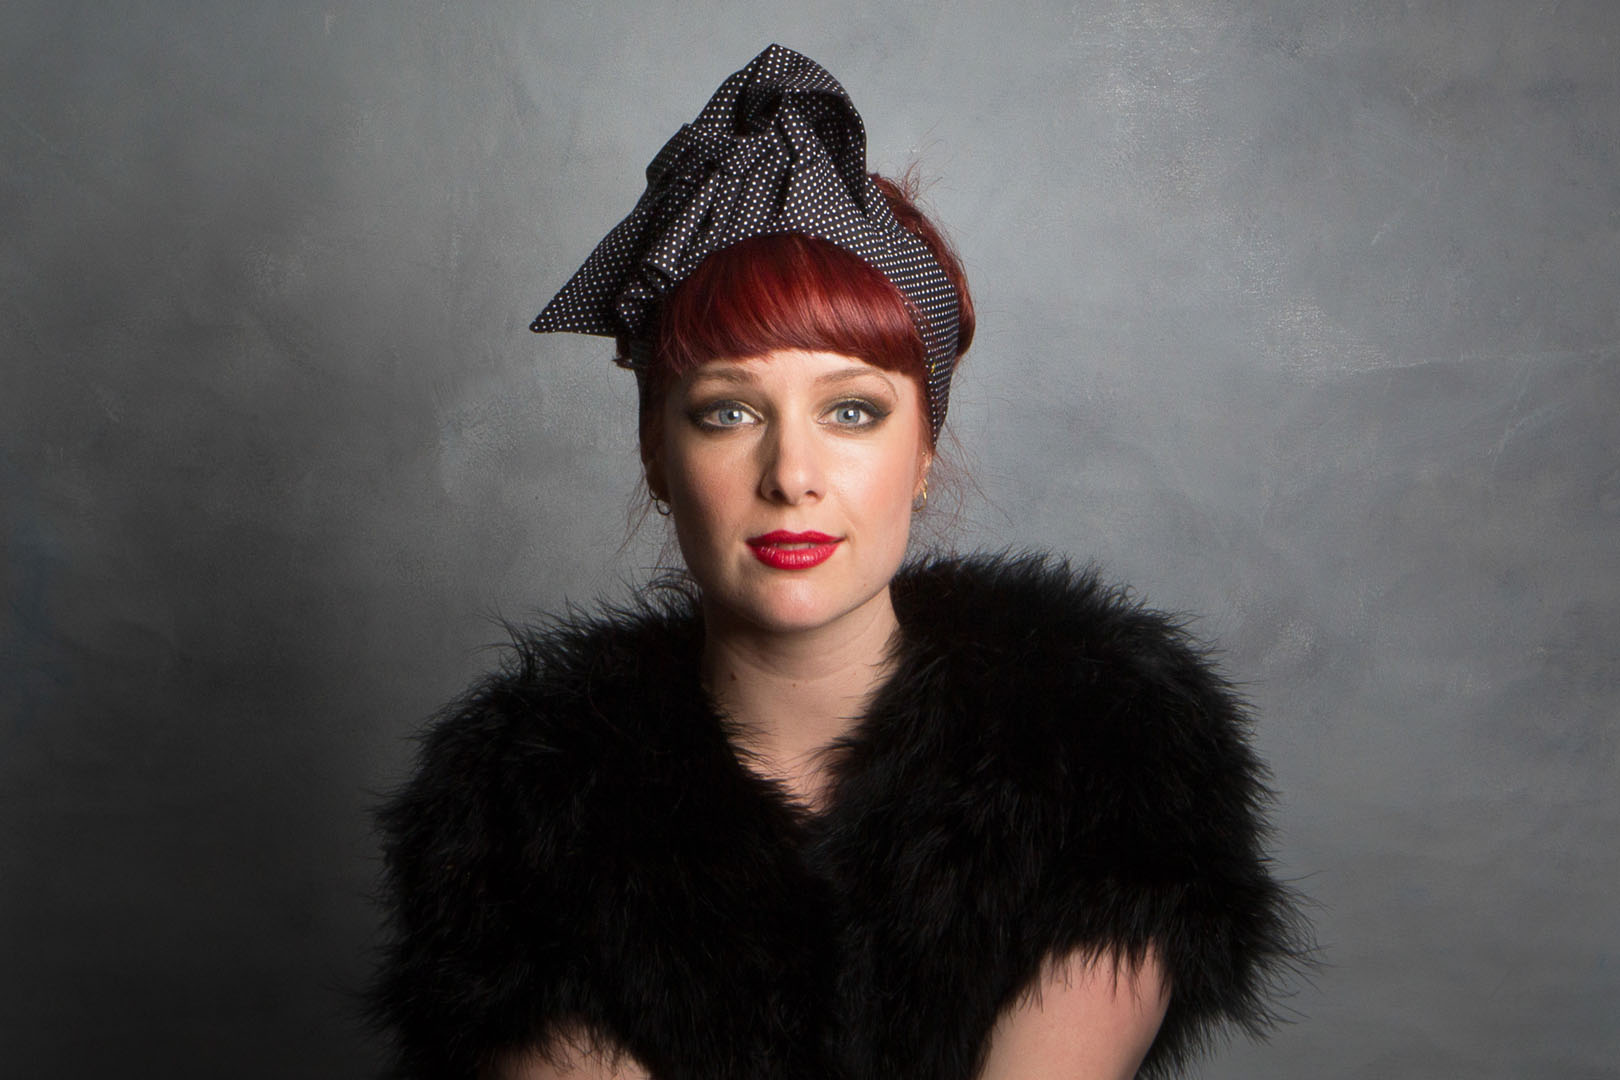 Black_polkadot_headband_vintage